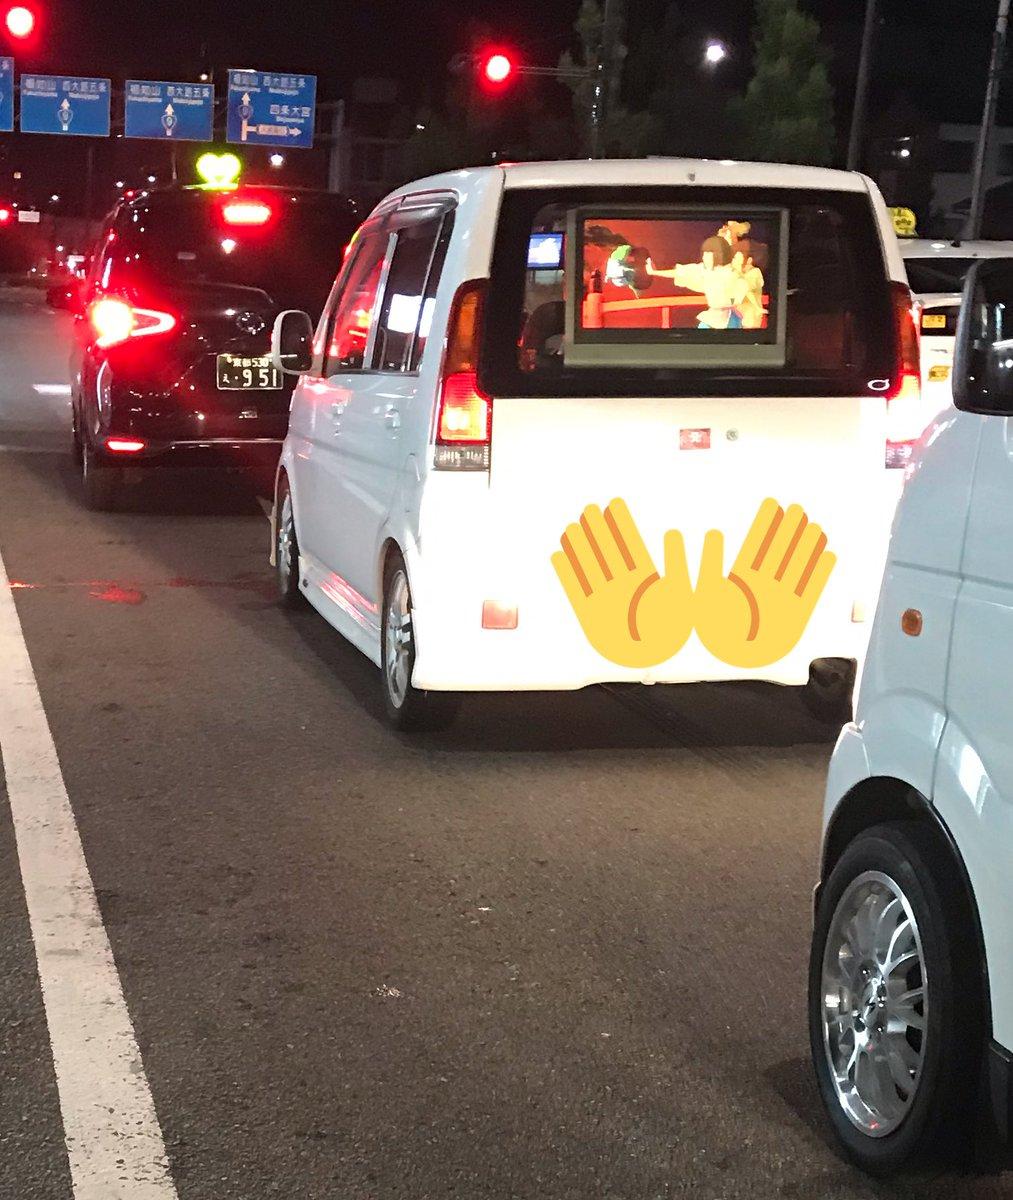 車あらわる 千と千尋の神隠し 交通法 ドライブインシアター フリップダウンモニターに関連した画像-01